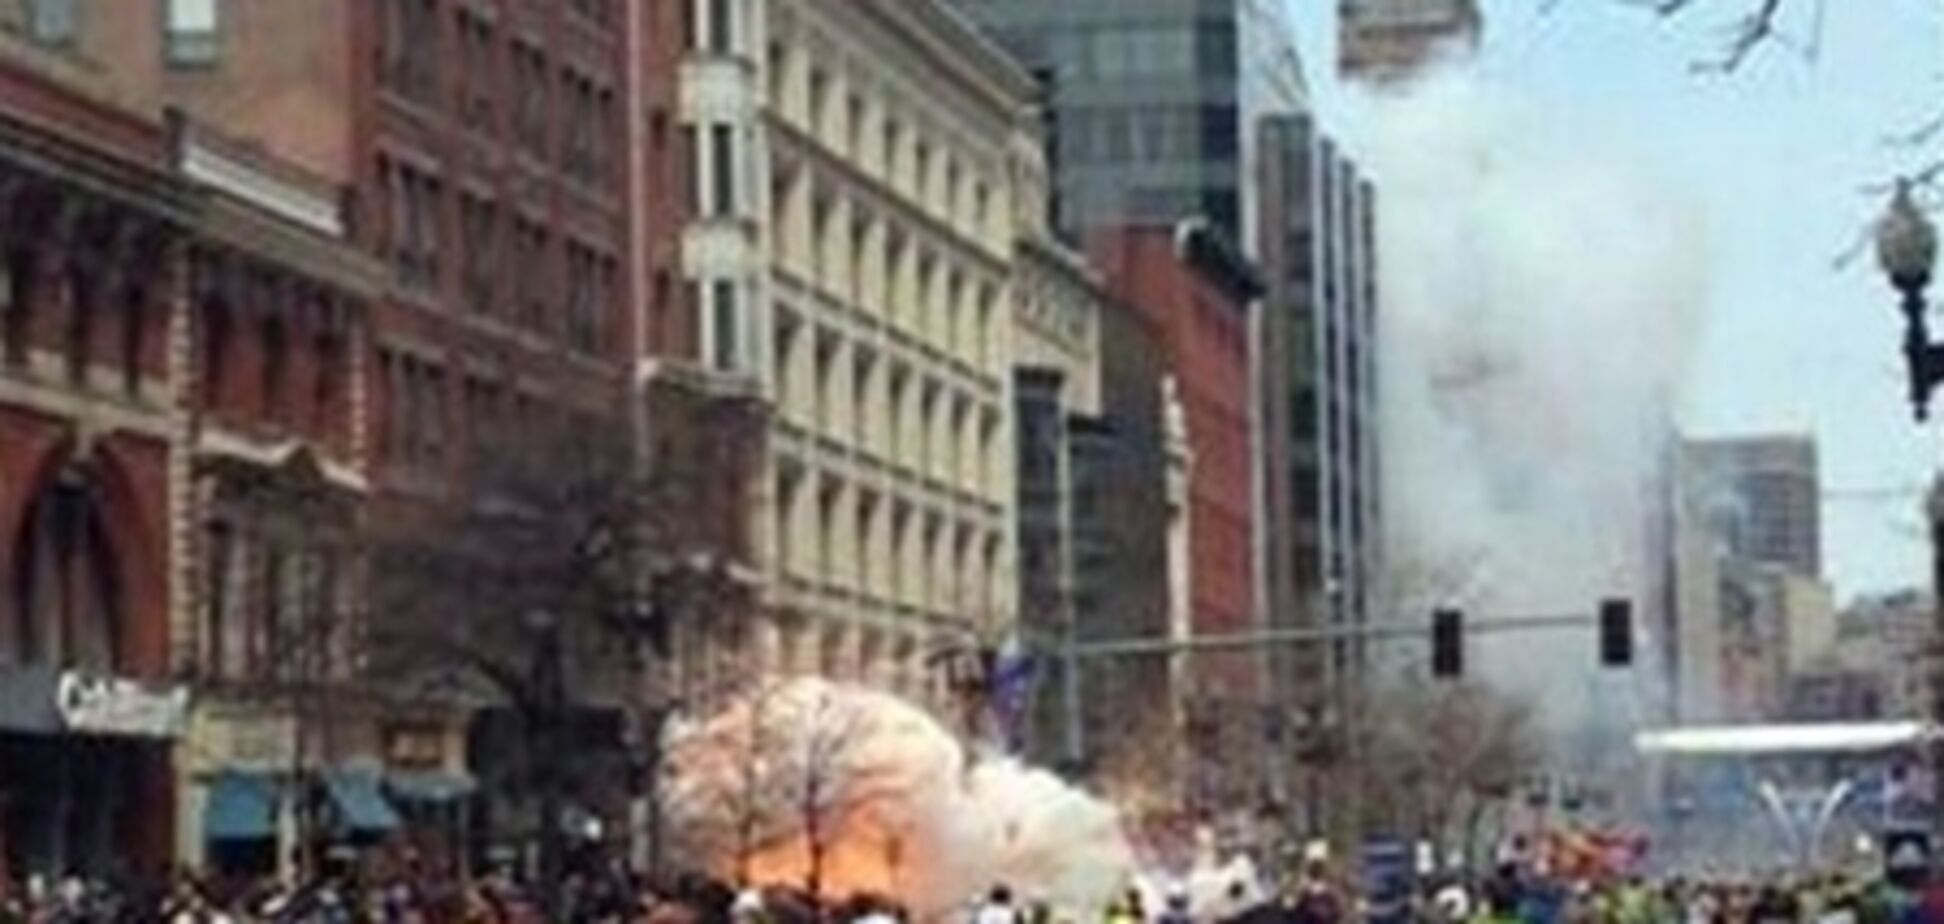 Теракт в Бостоне не часть масштабного плана – Минбезопасности США